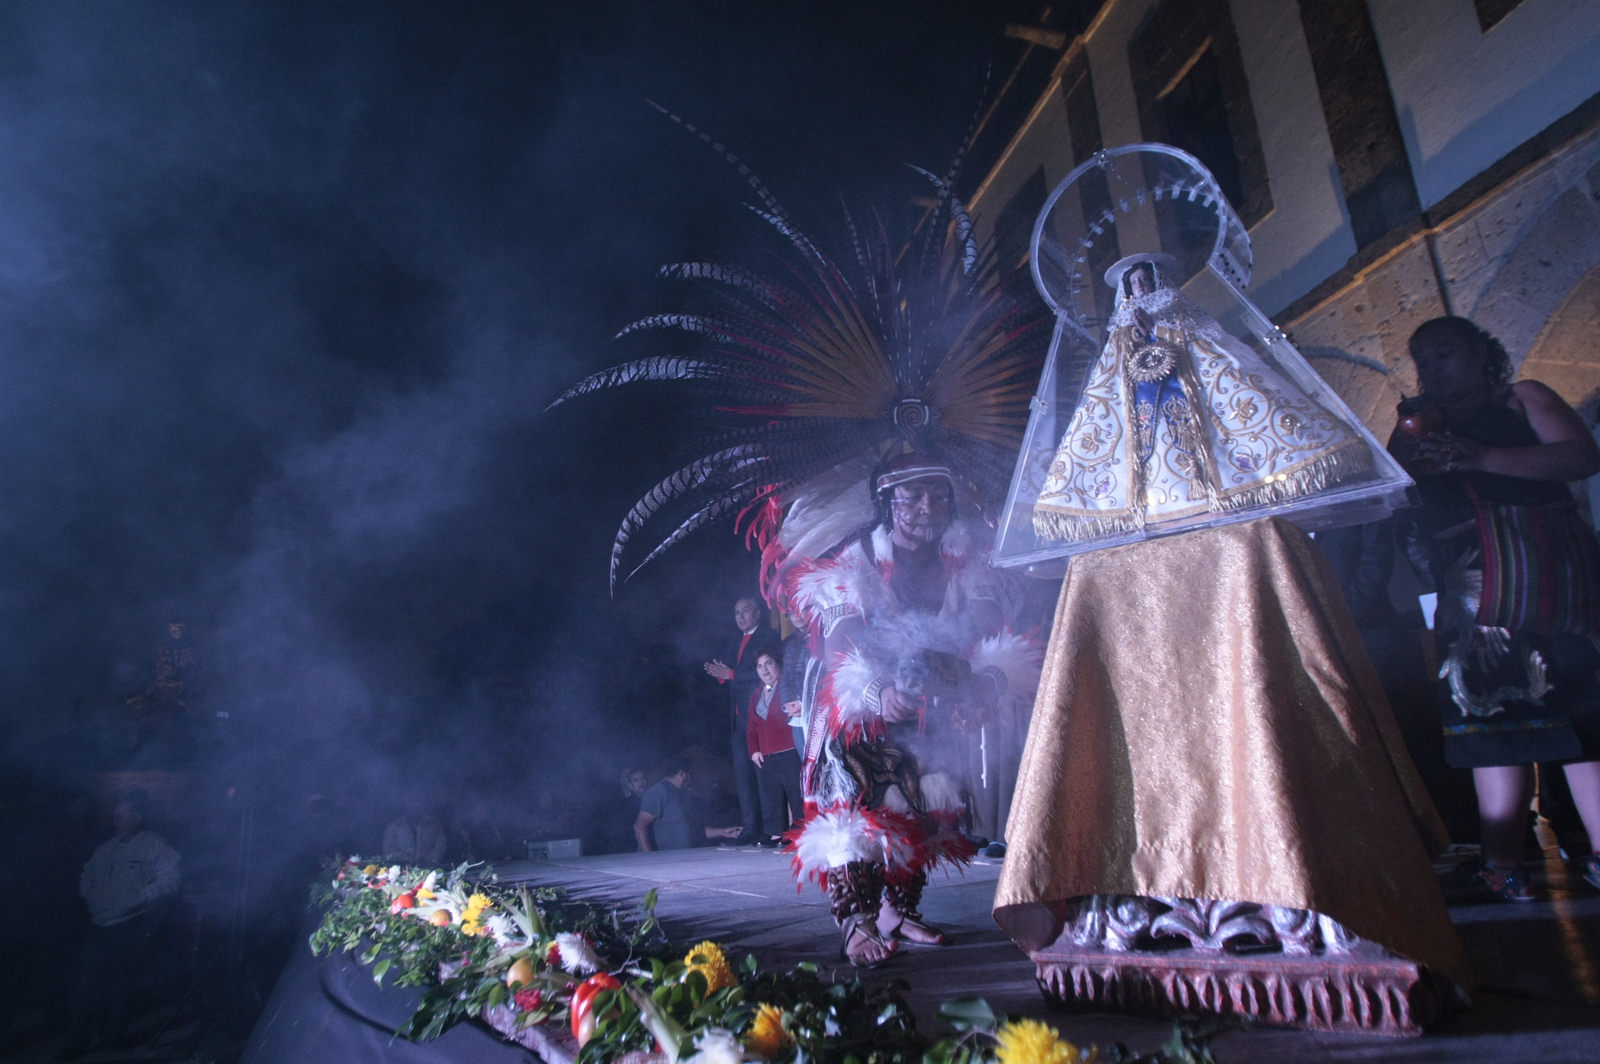 Celebran Portadores que La Romería: Ciclo Ritual de la Llevada de la Virgen, ya es Patrimonio Inmaterial de la Humanidad